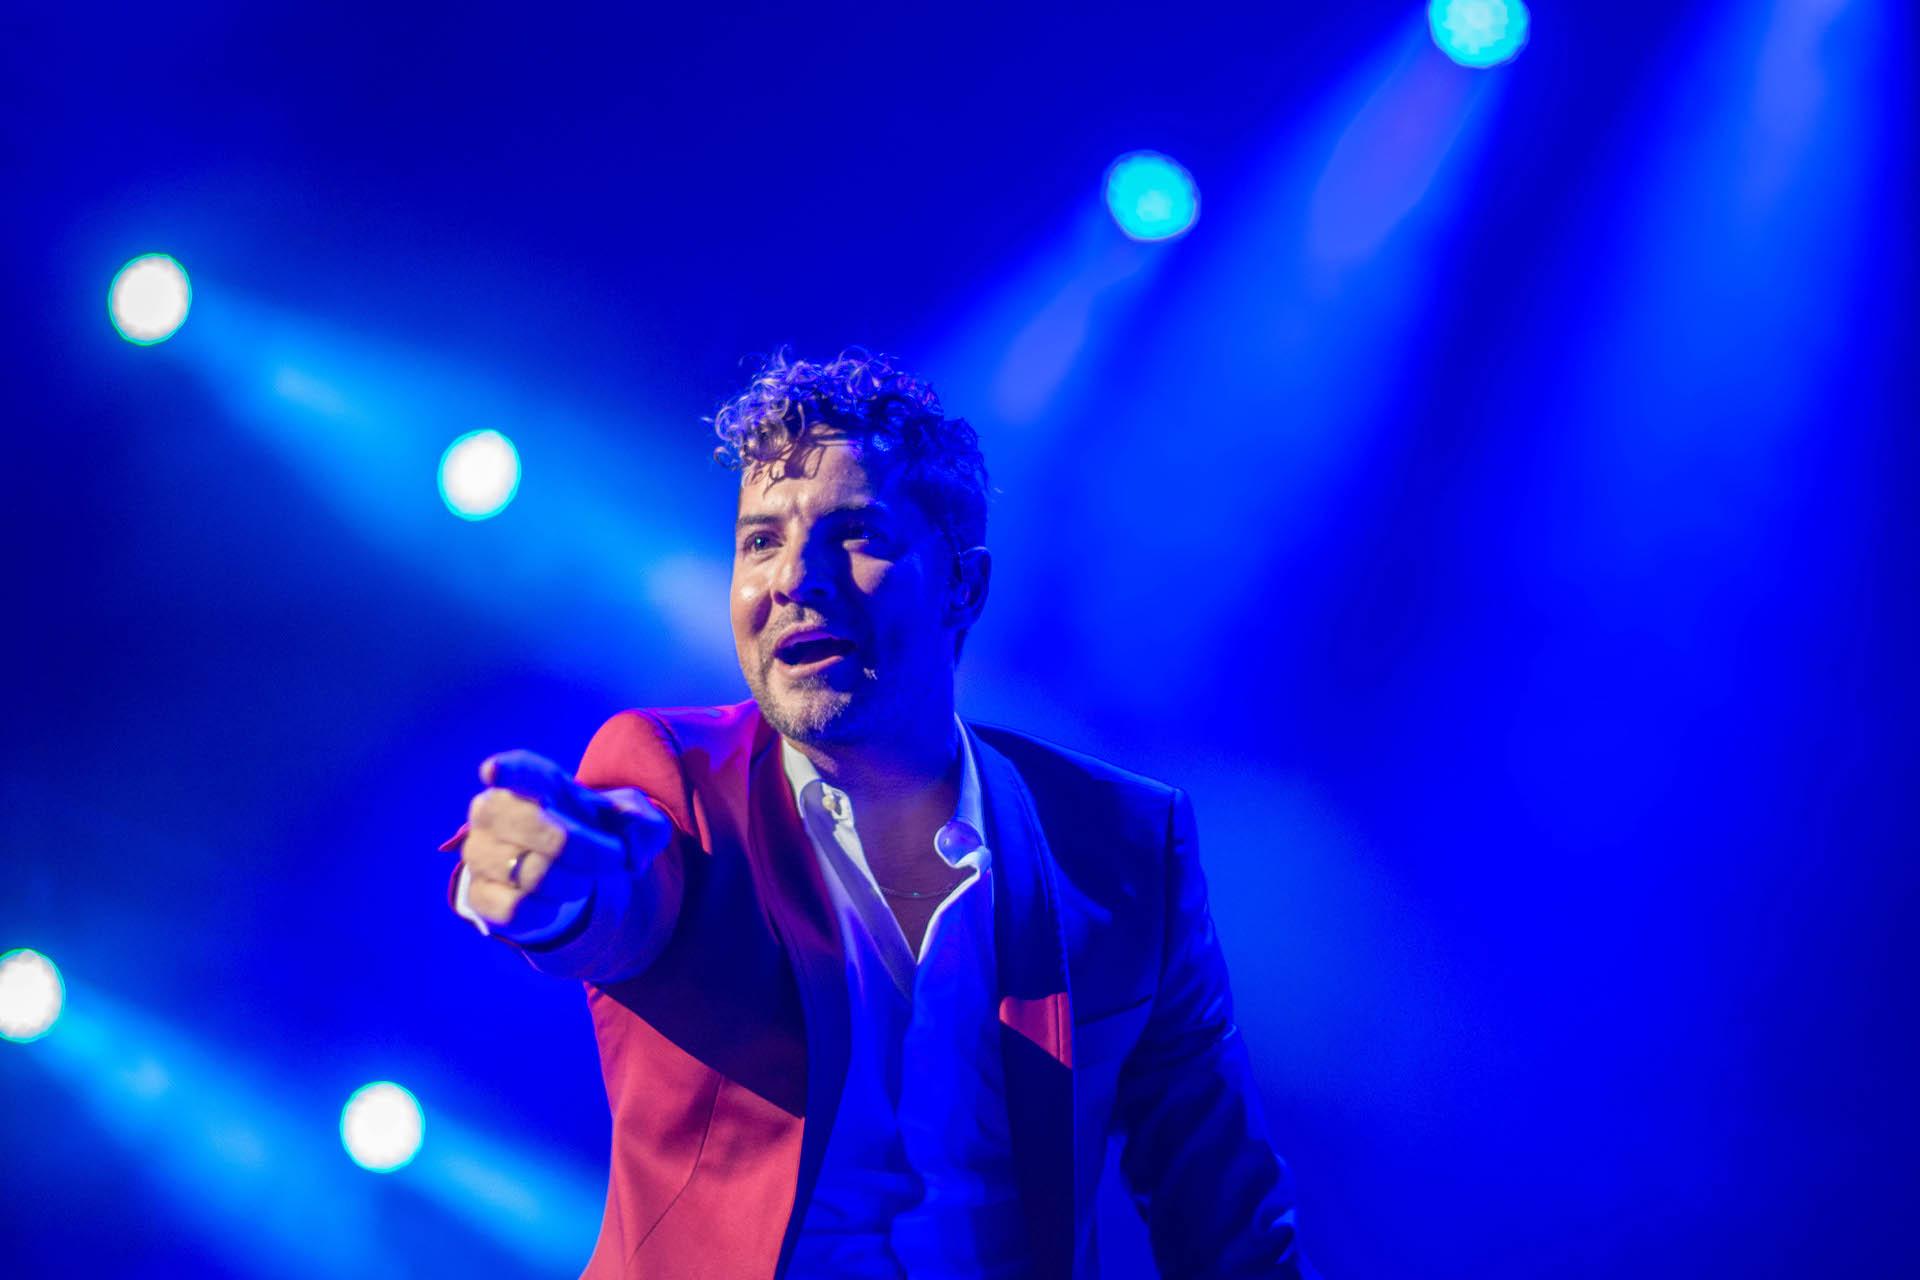 David Bisbal llegó con su potente voz y espectacular baile a Movistar Arena